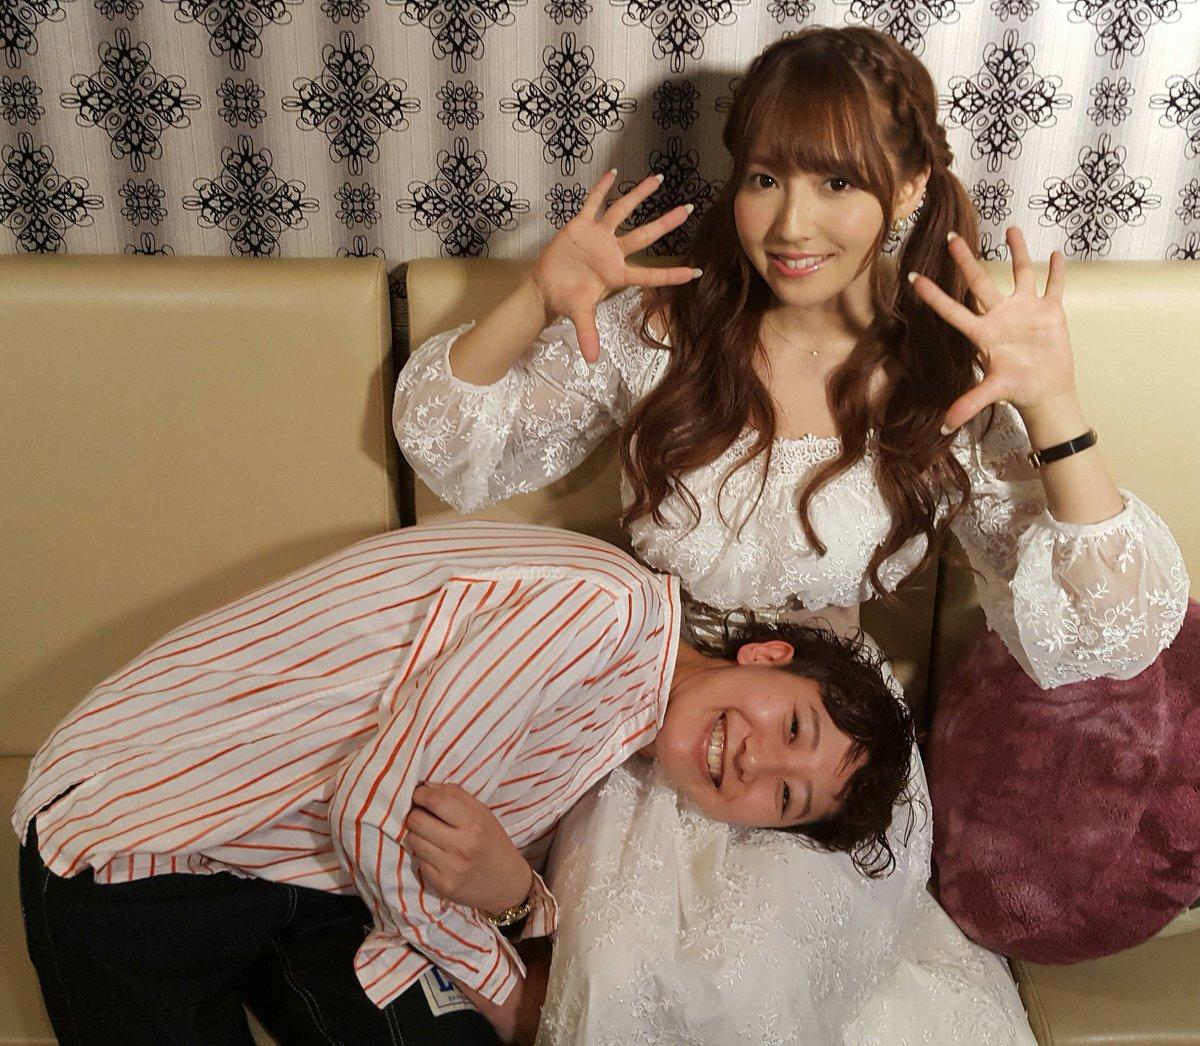 【職場】気になる女子の私物でオナニー3【妄想】->画像>113枚